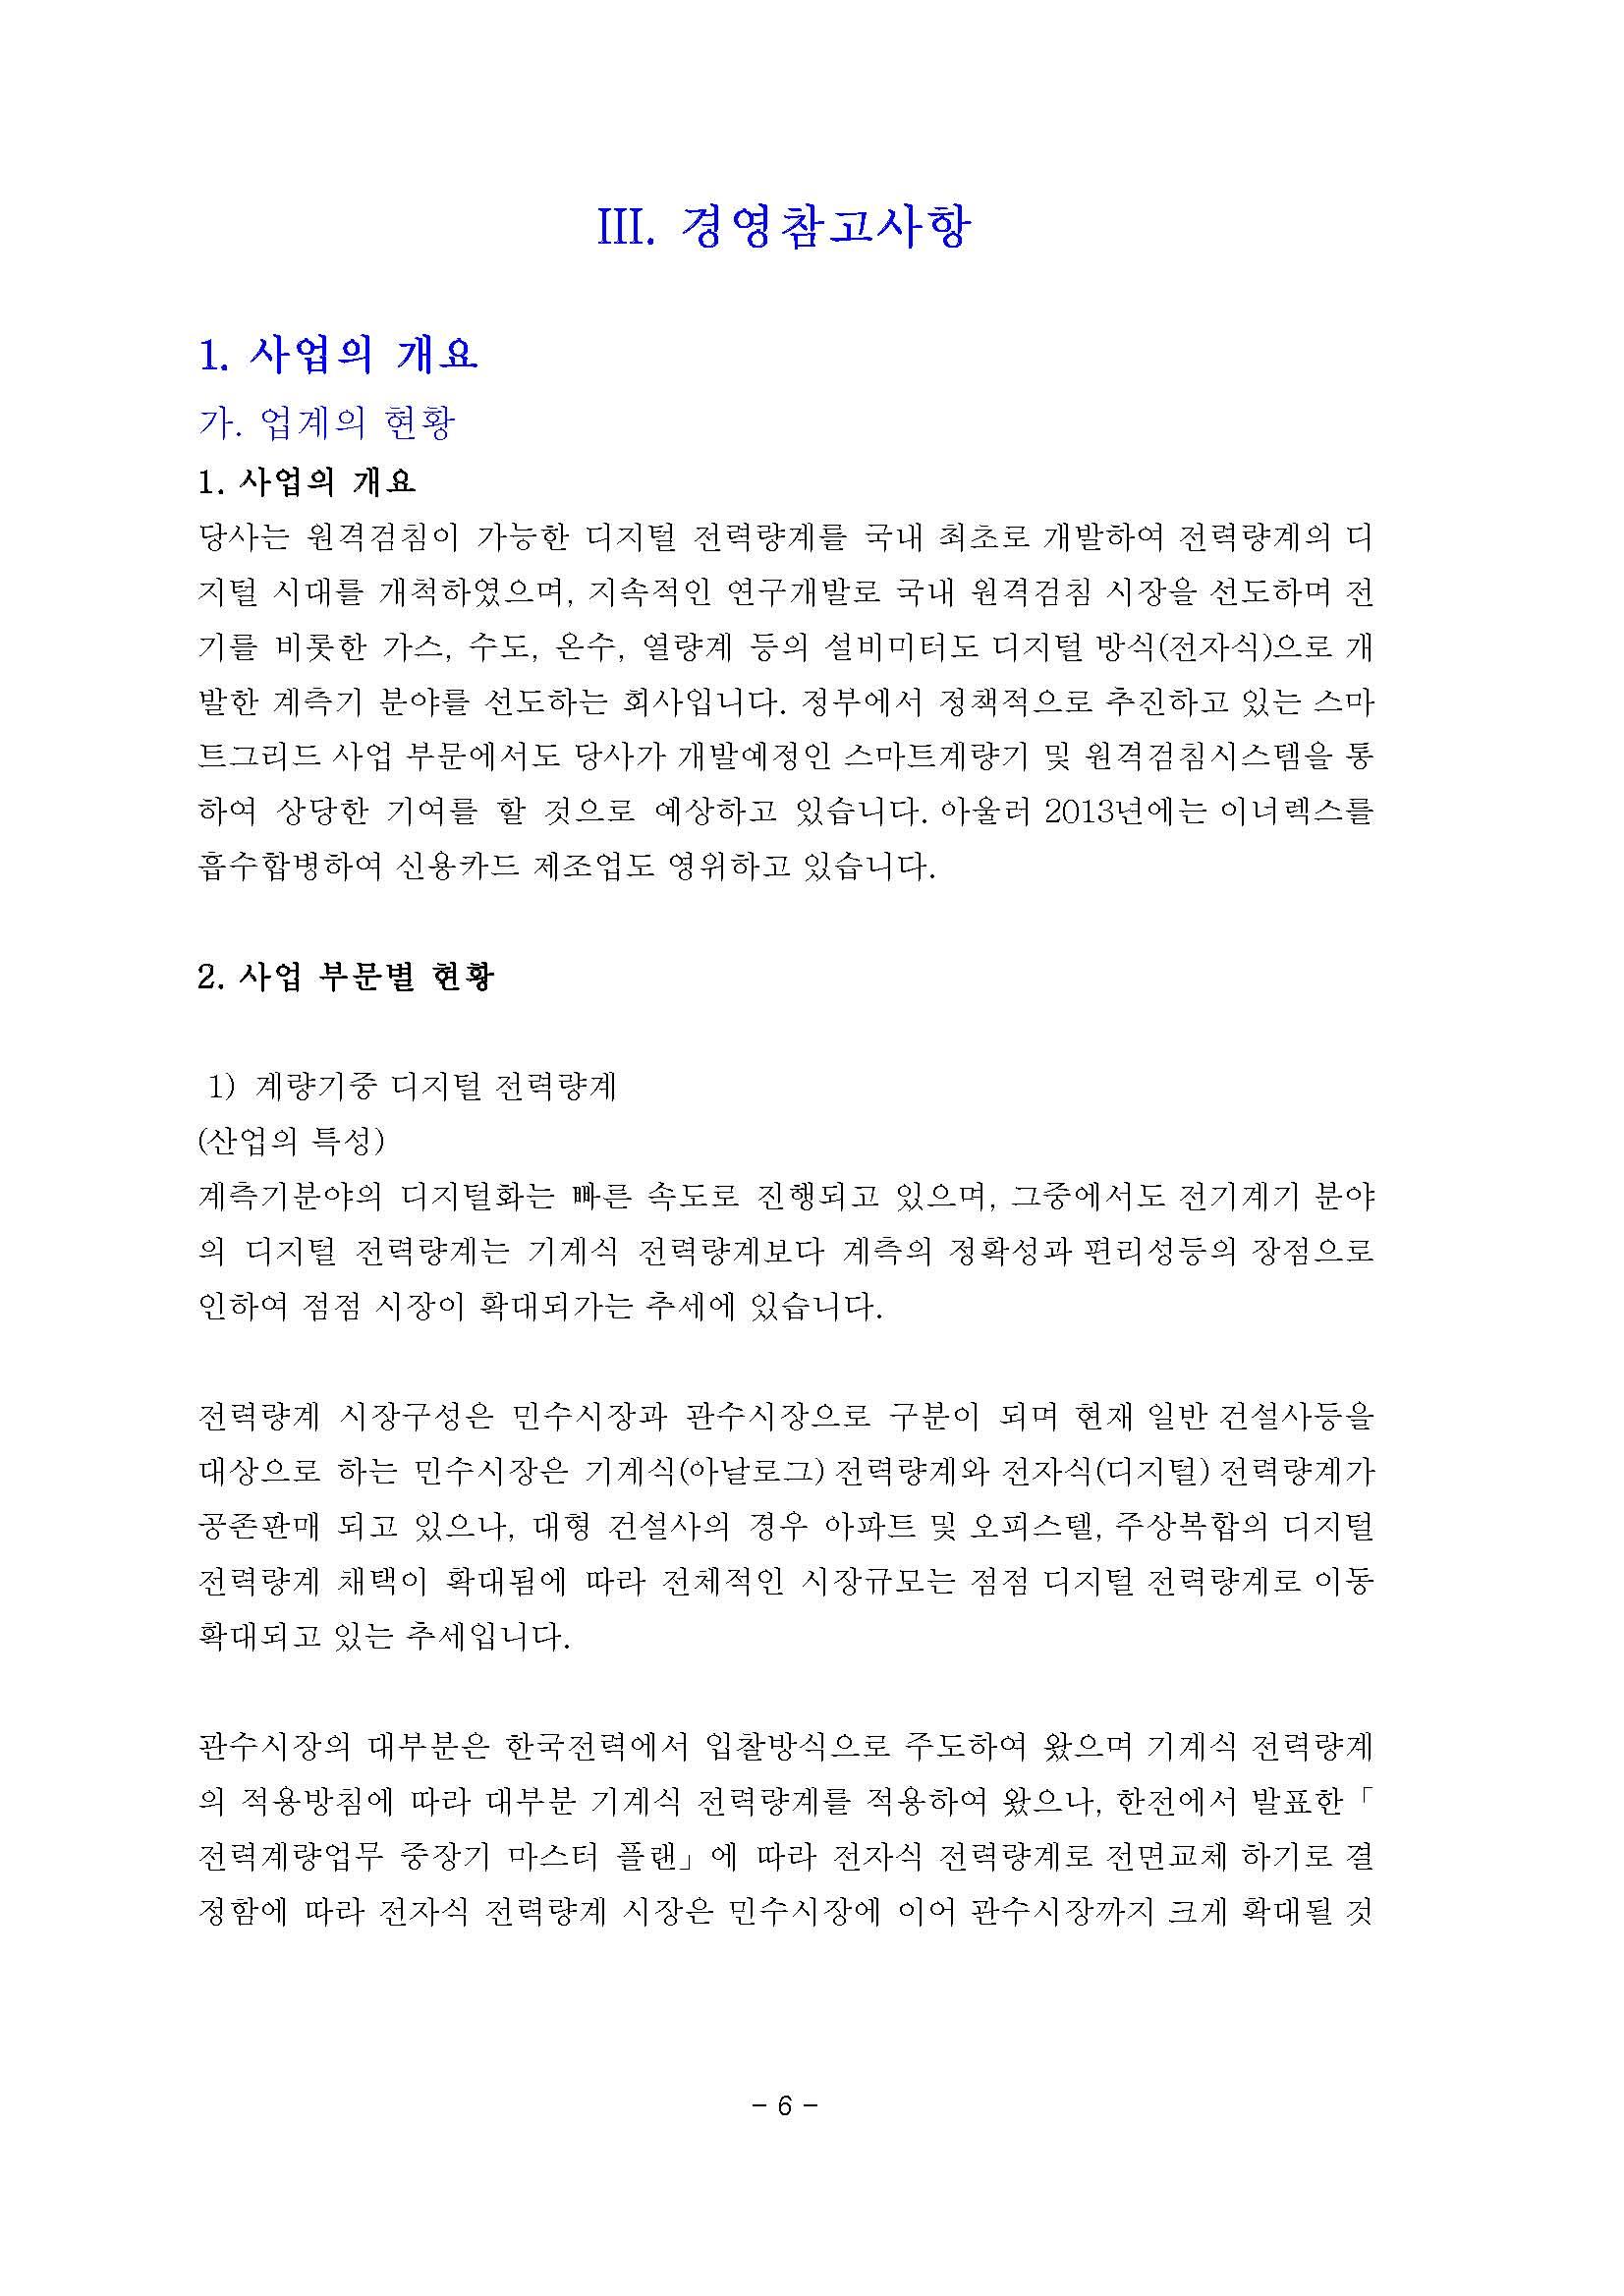 20160311 주주총회 소집공고-옴니시스템_페이지_07.jpg